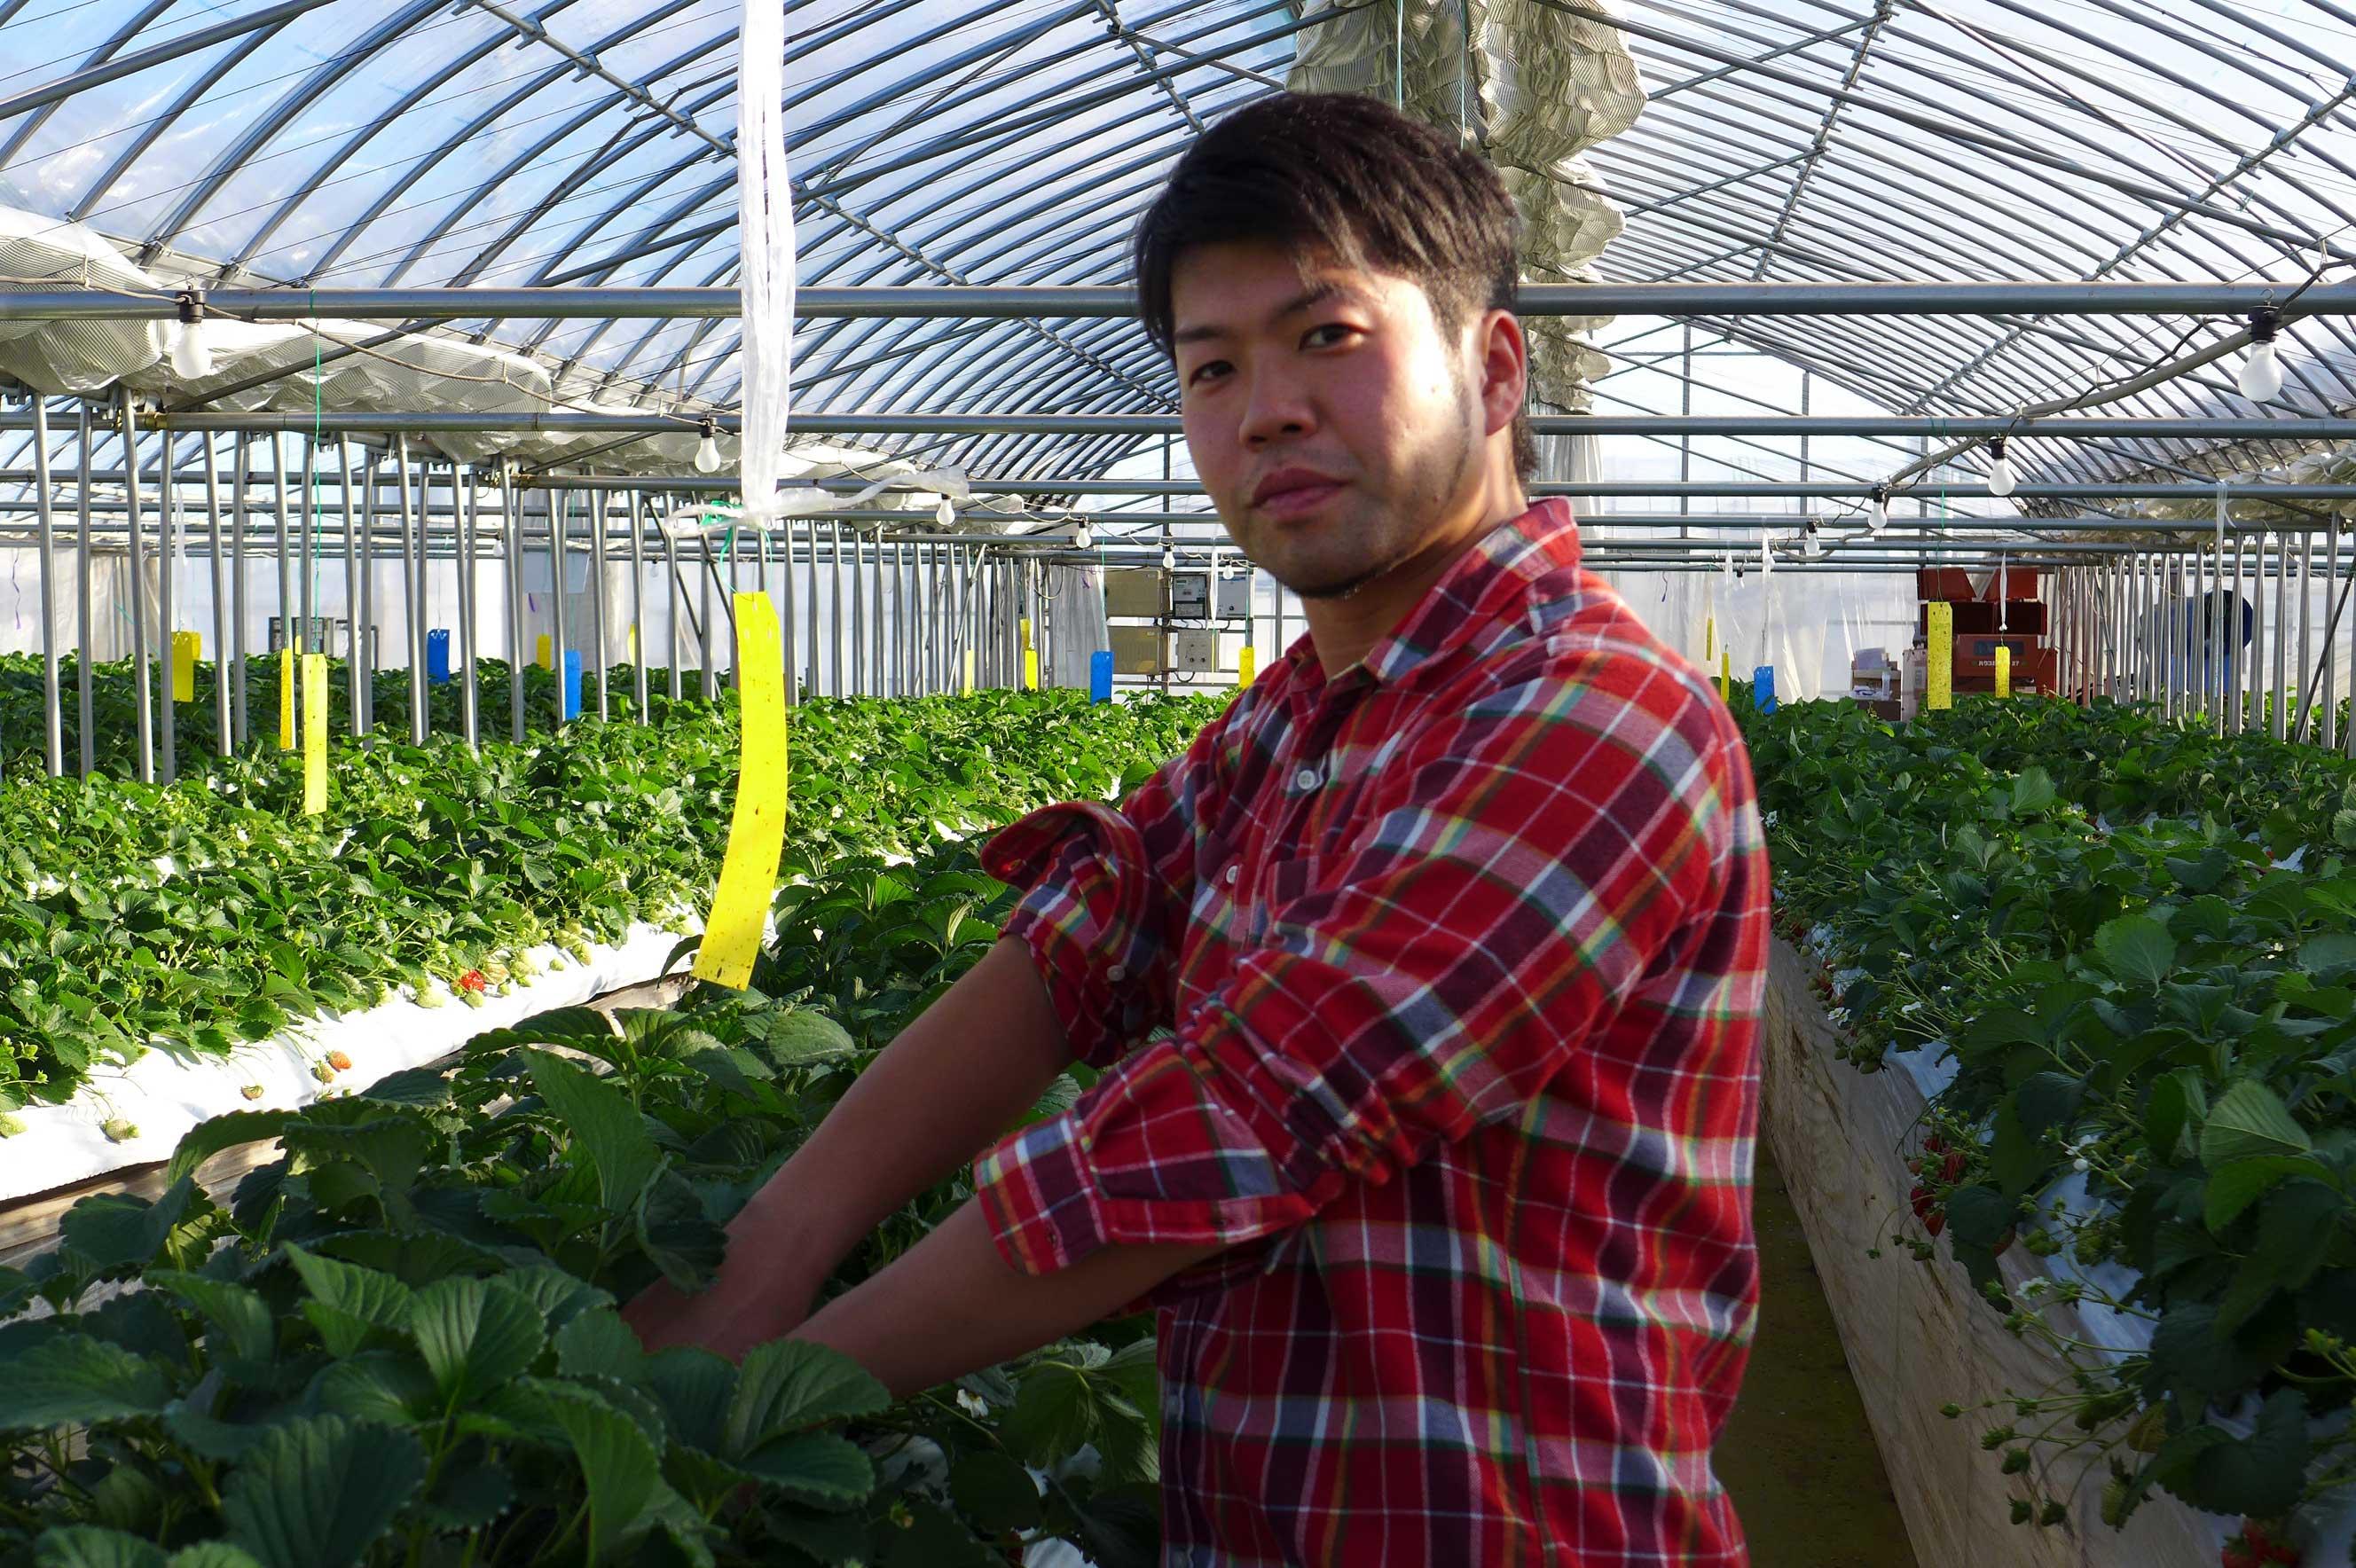 ながさわファーム【横浜市港北区のイチゴと野菜直売所】